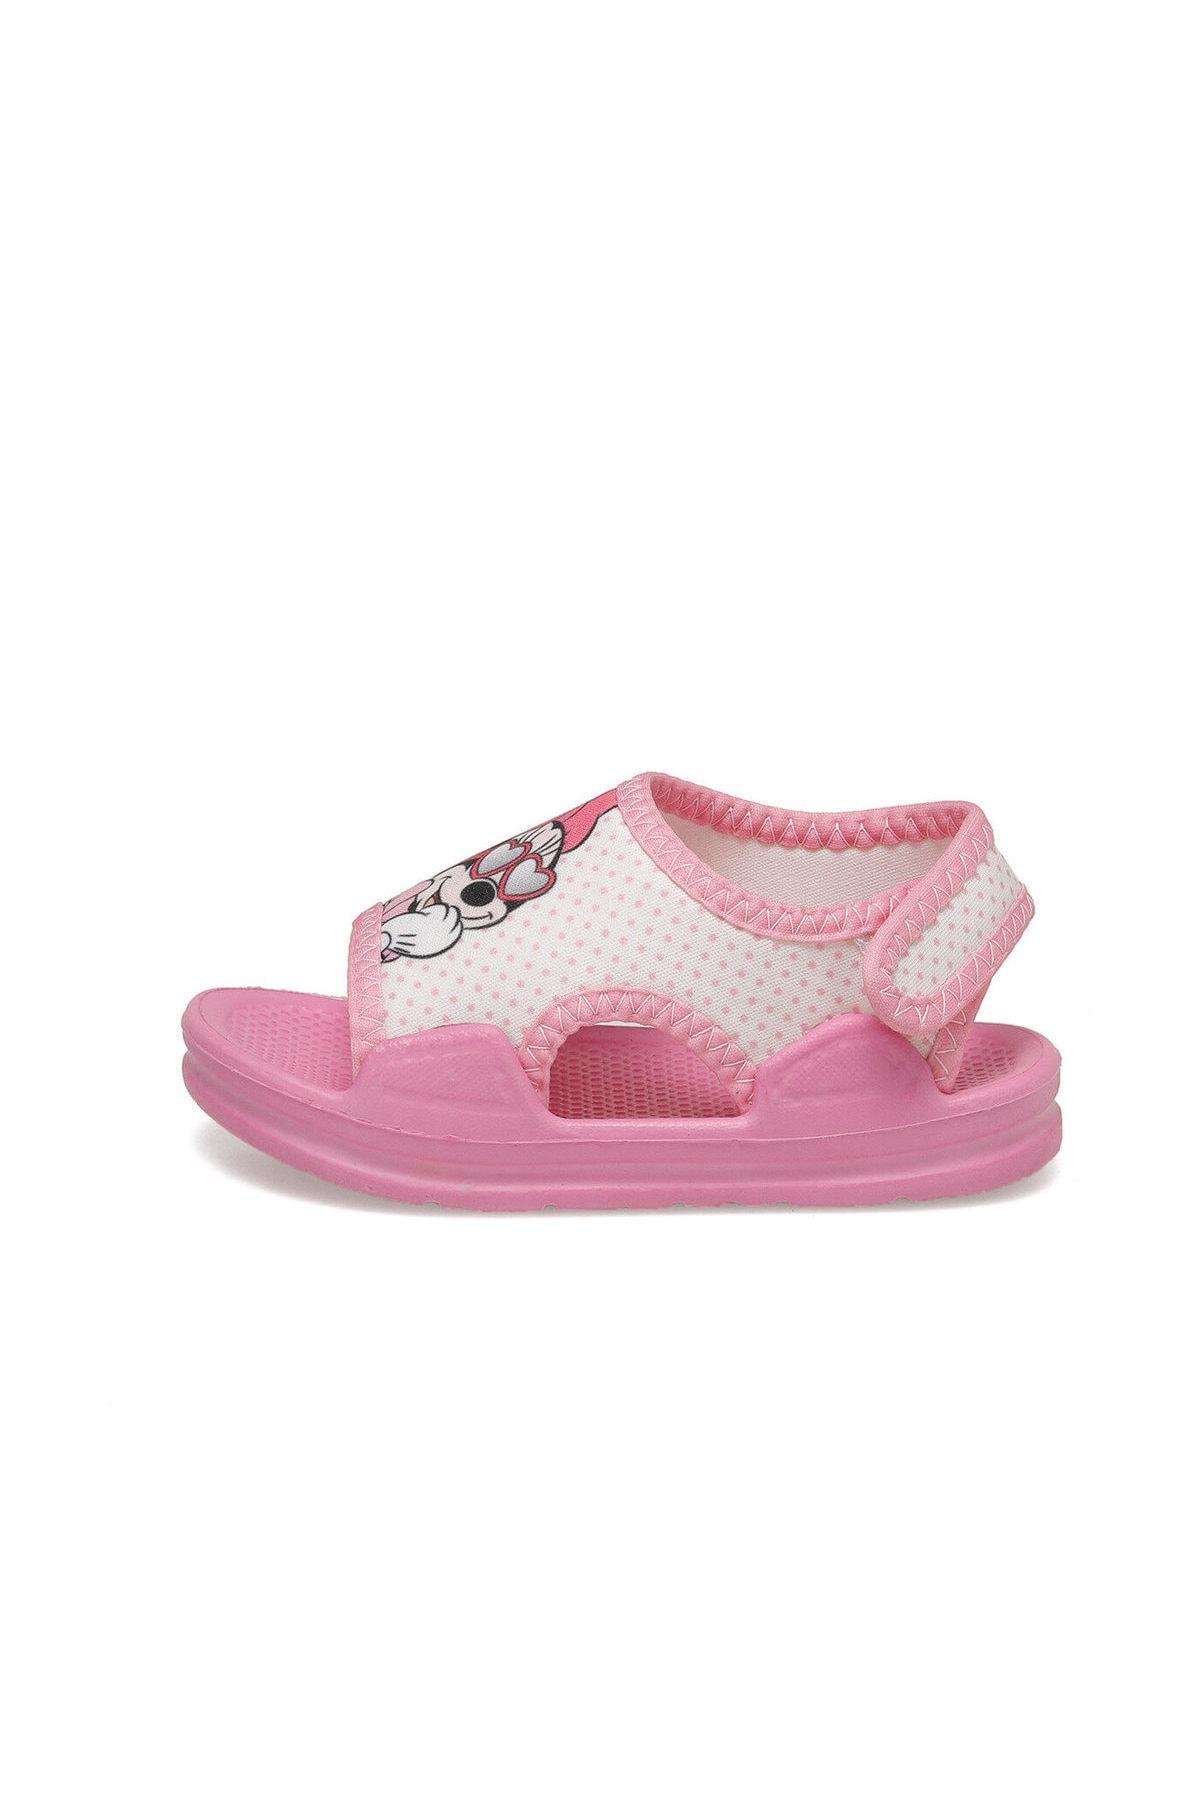 Mickey Mouse 91.tely-2.b Pembe Kız Çocuk Sandalet 2